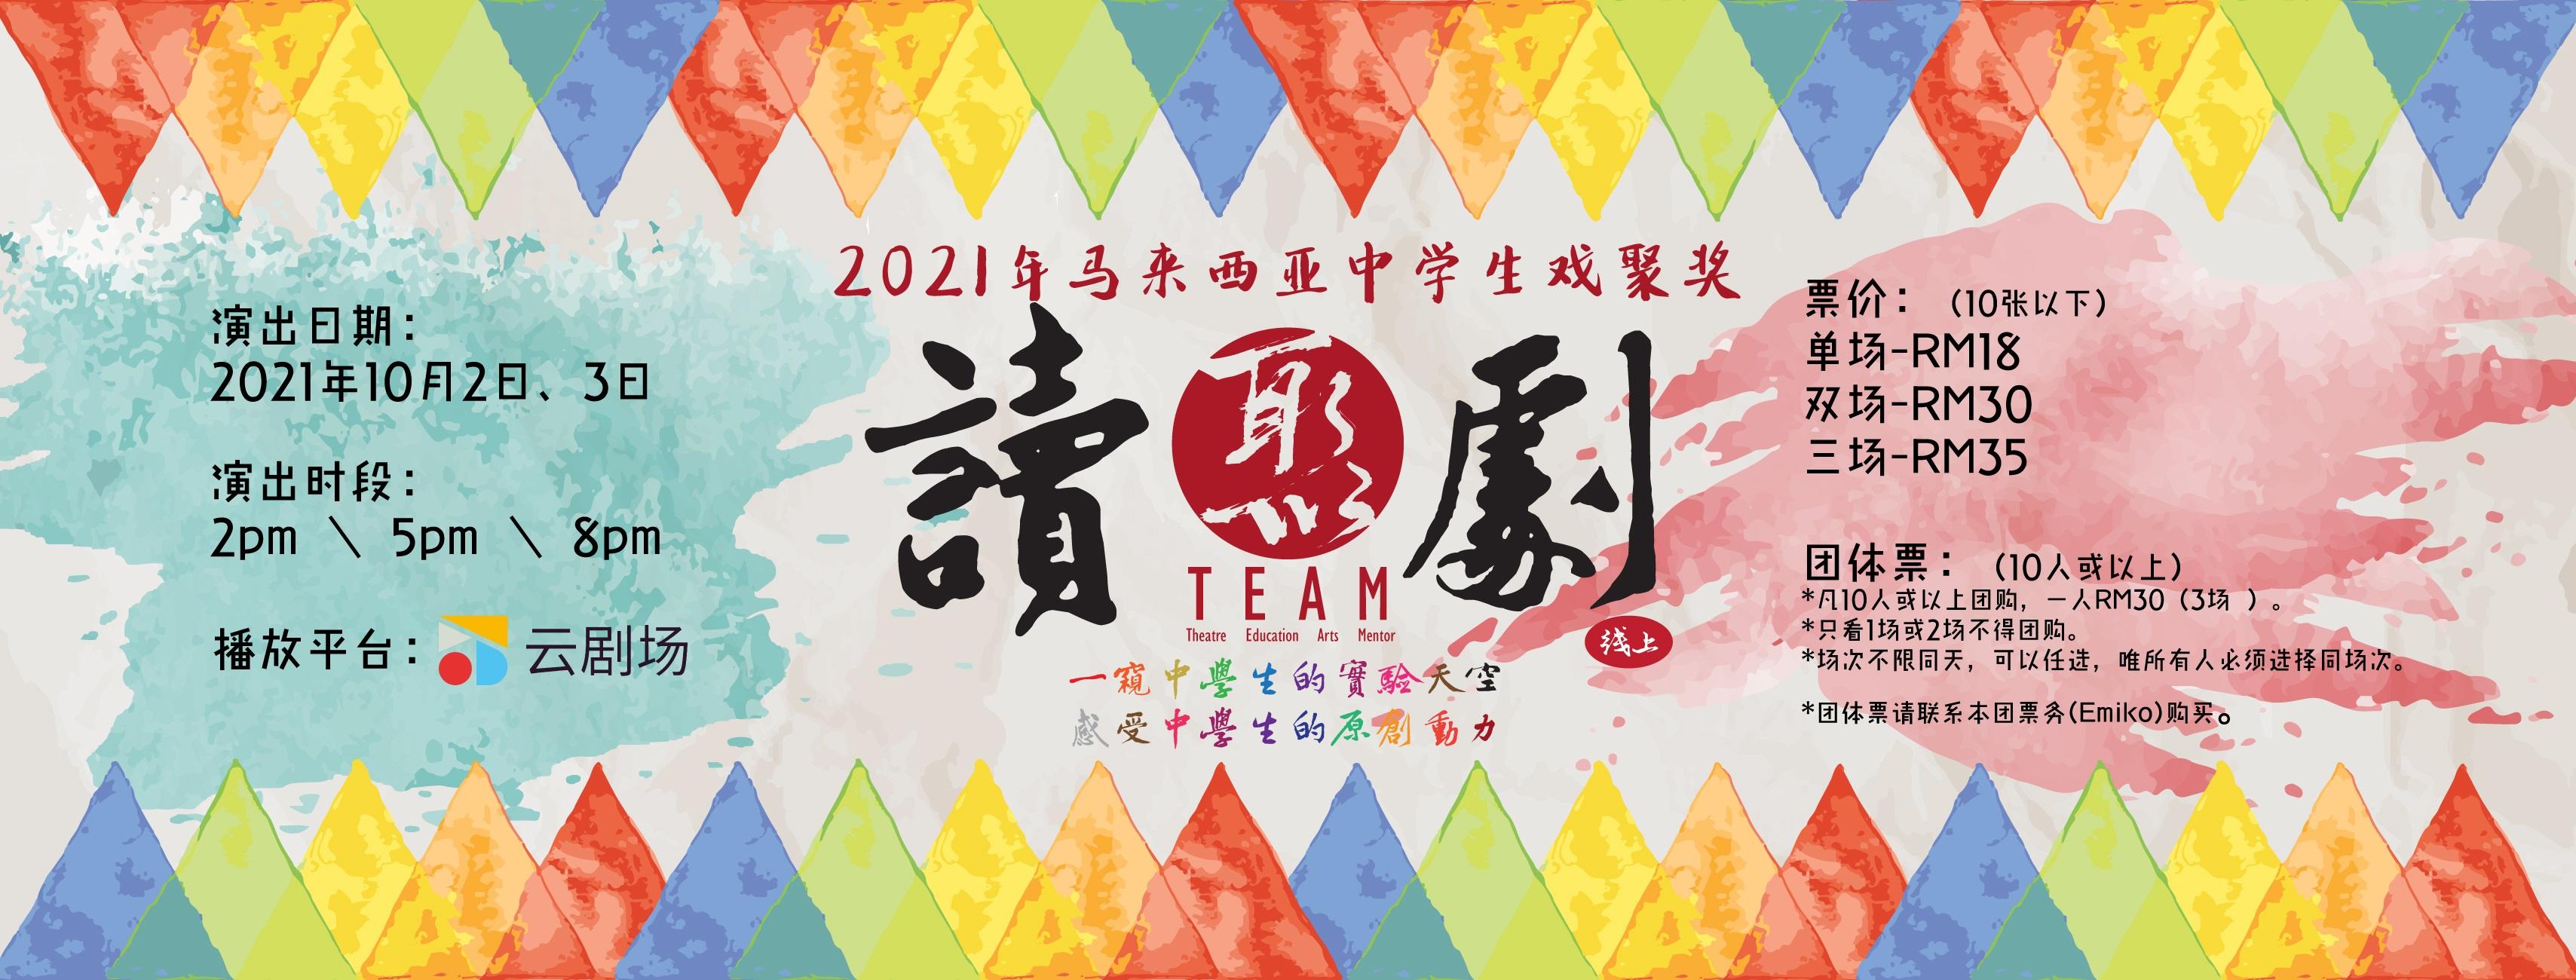 2021年 第十七届中学生戏聚展 ONLINE